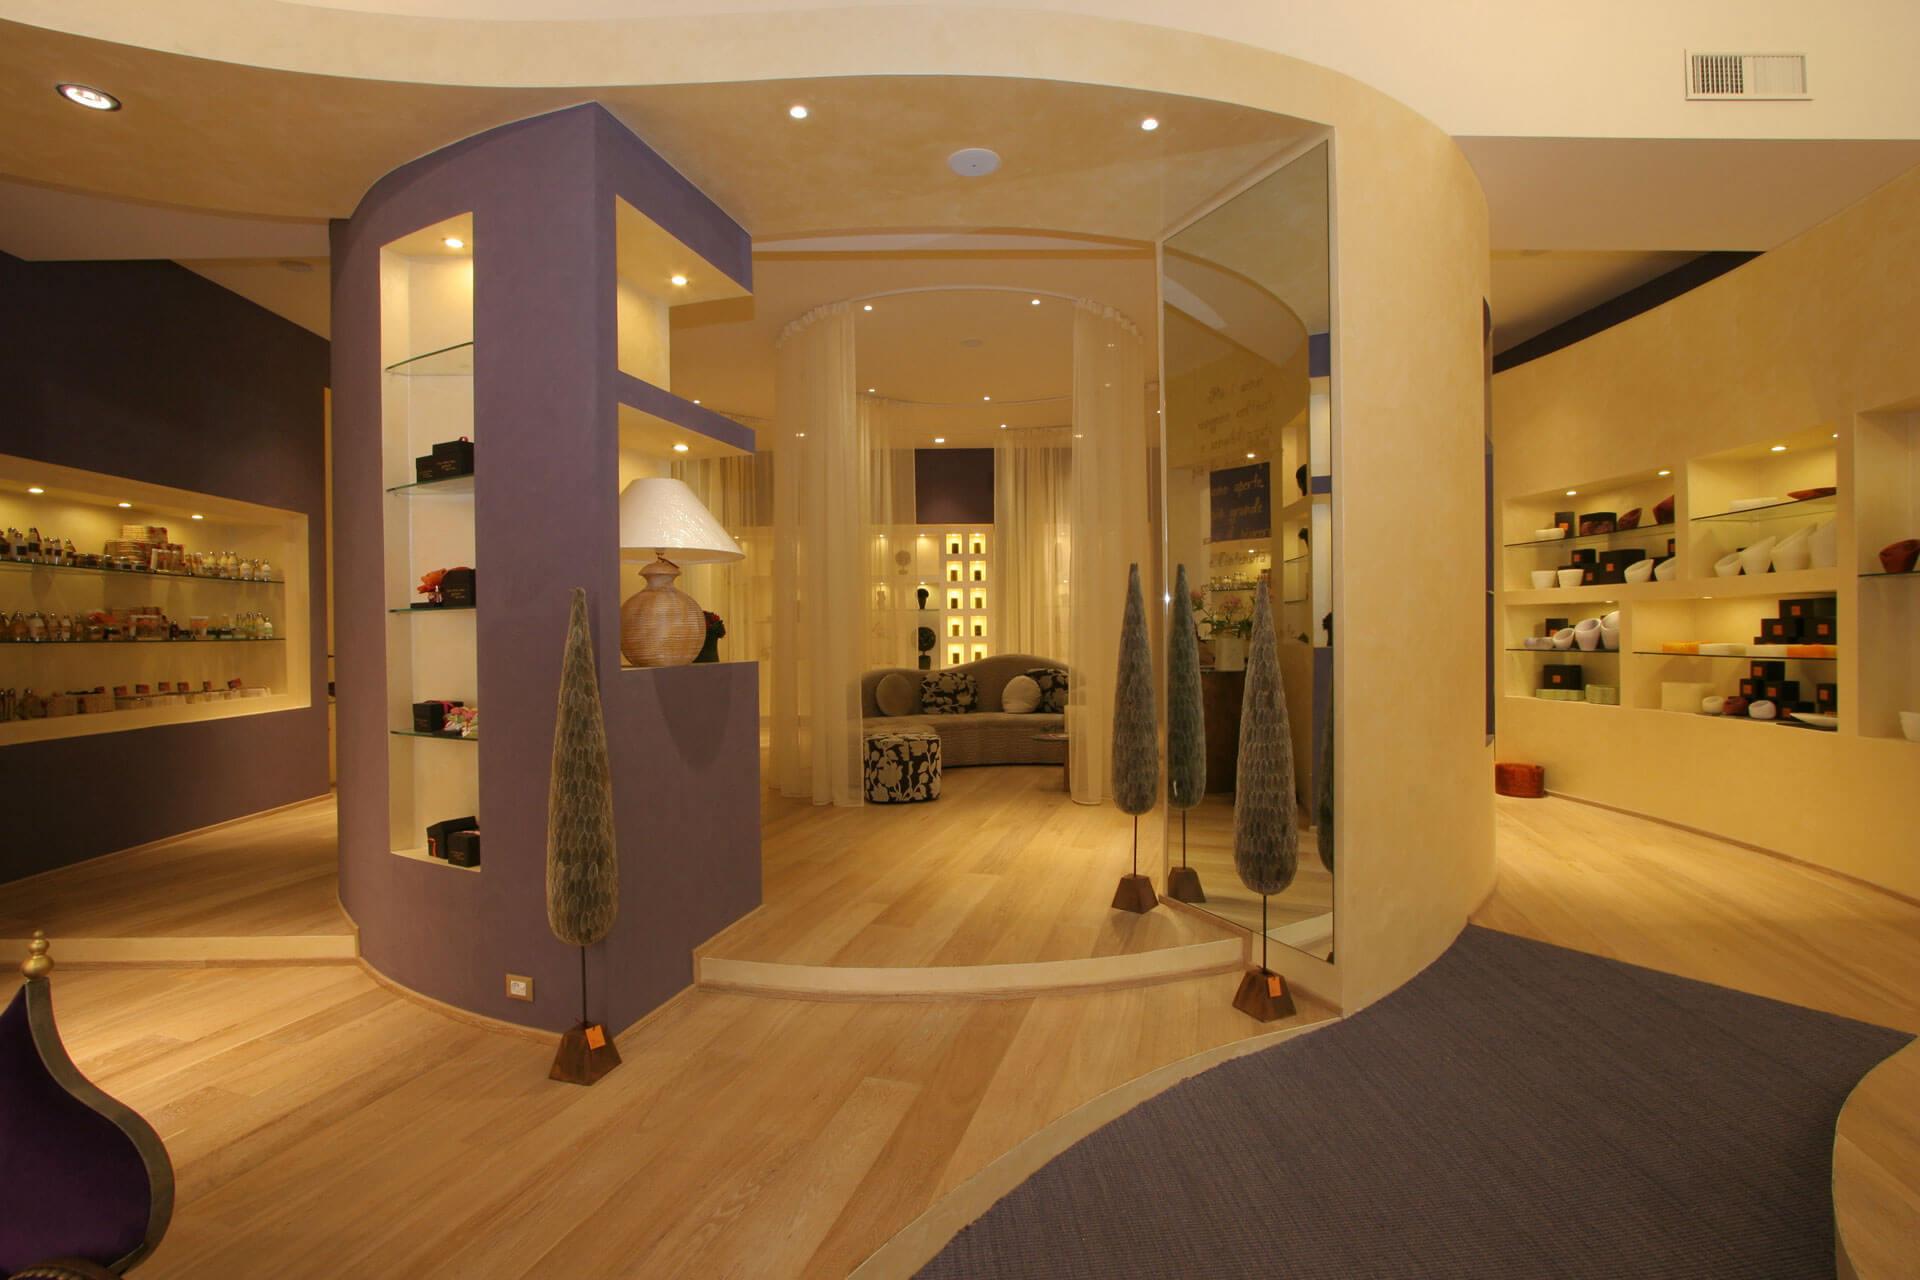 micaela-mazzoni-studio-interior-designer-bologna-progetti-commerciali-gallery-negozio-multisensoriale-bologna-2